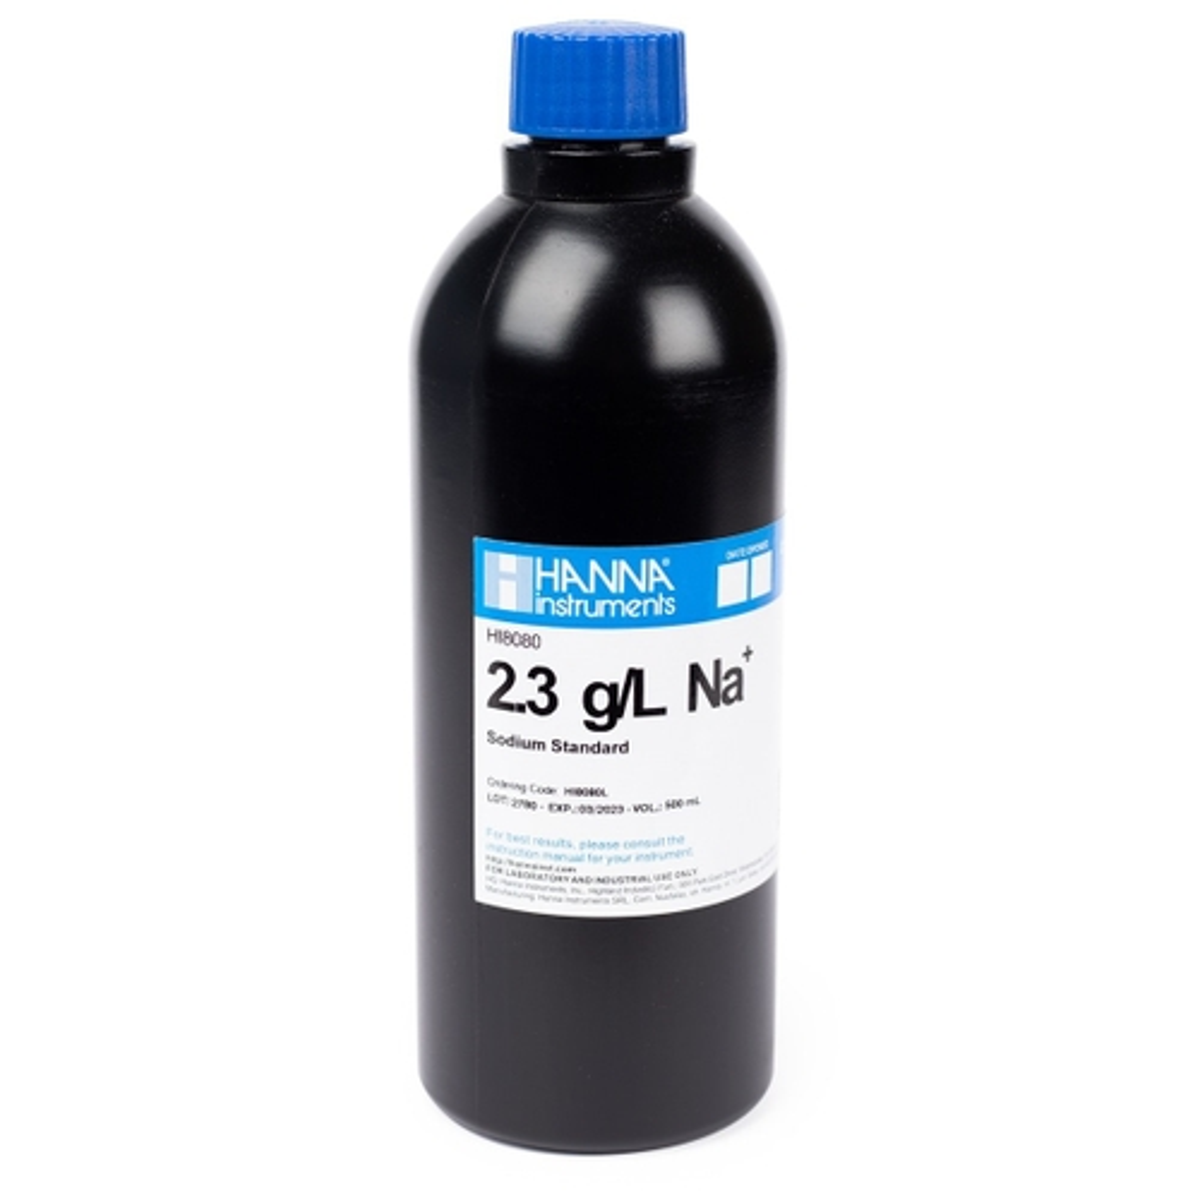 HI8080L Standard Solution at 2.3 g/L Na+ (500 mL) FDA bottle